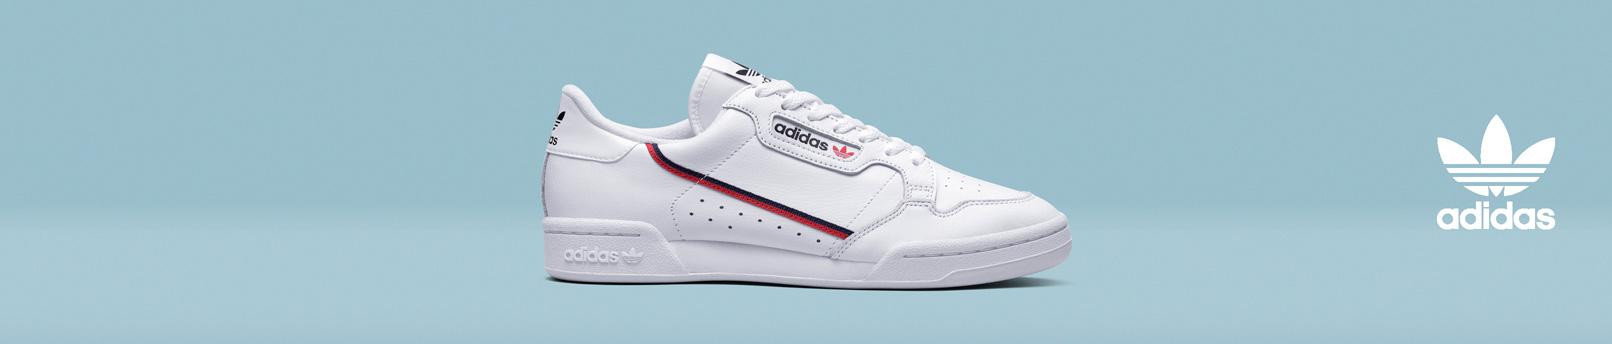 Taille Bootsamp; 40 Homme LigneLivraison Chaussures En Montantes cjq4AL3R5